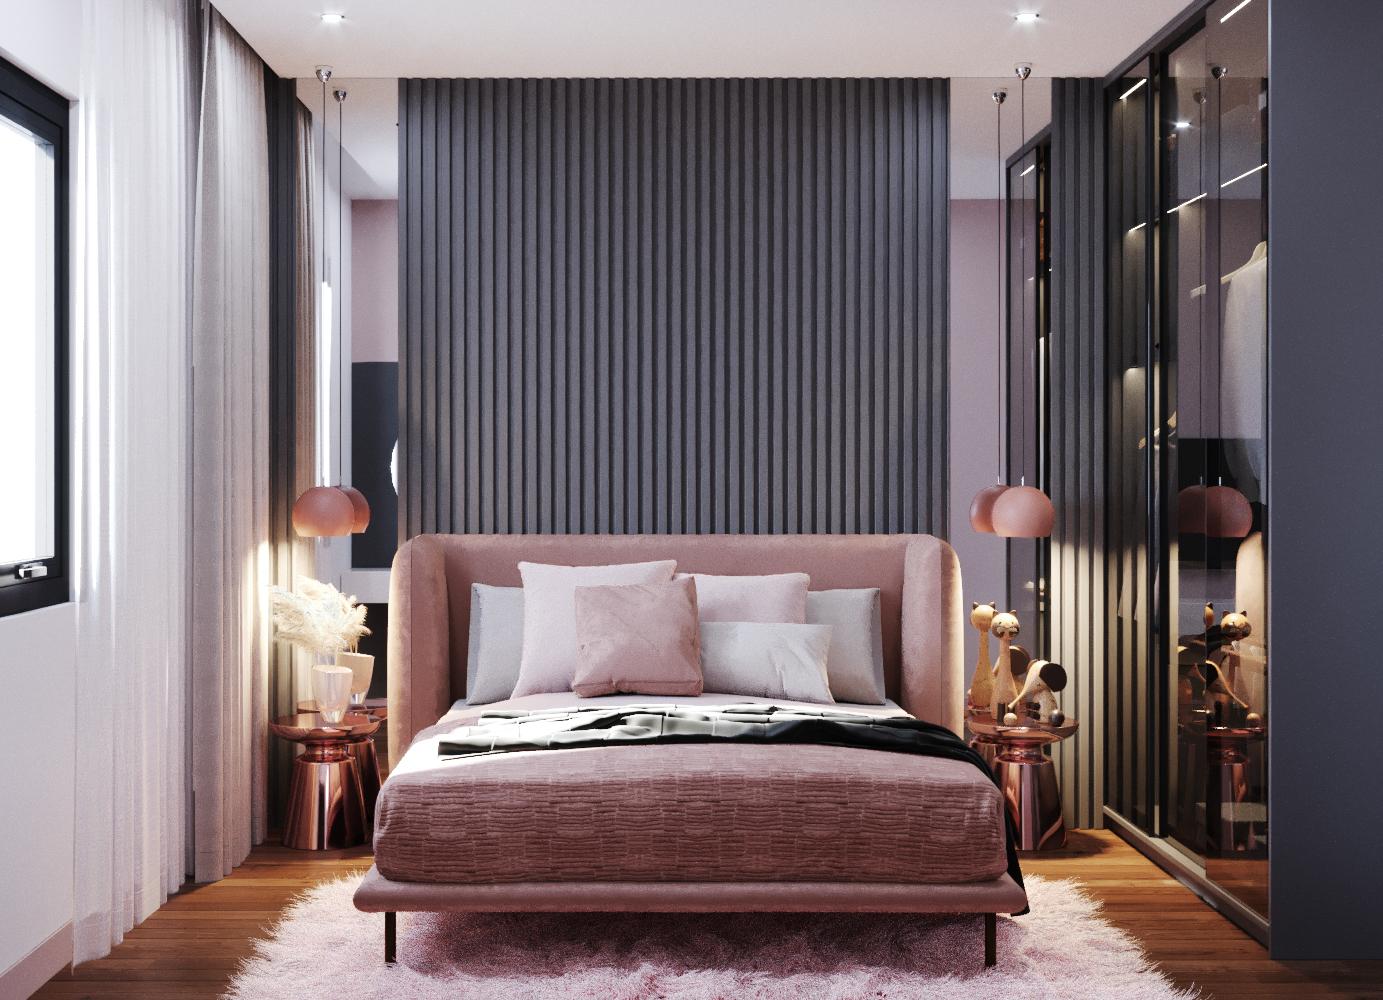 Phòng ngủ vợ chồng thêm sang trọng với giường bọc nỉ, thảm trải lông